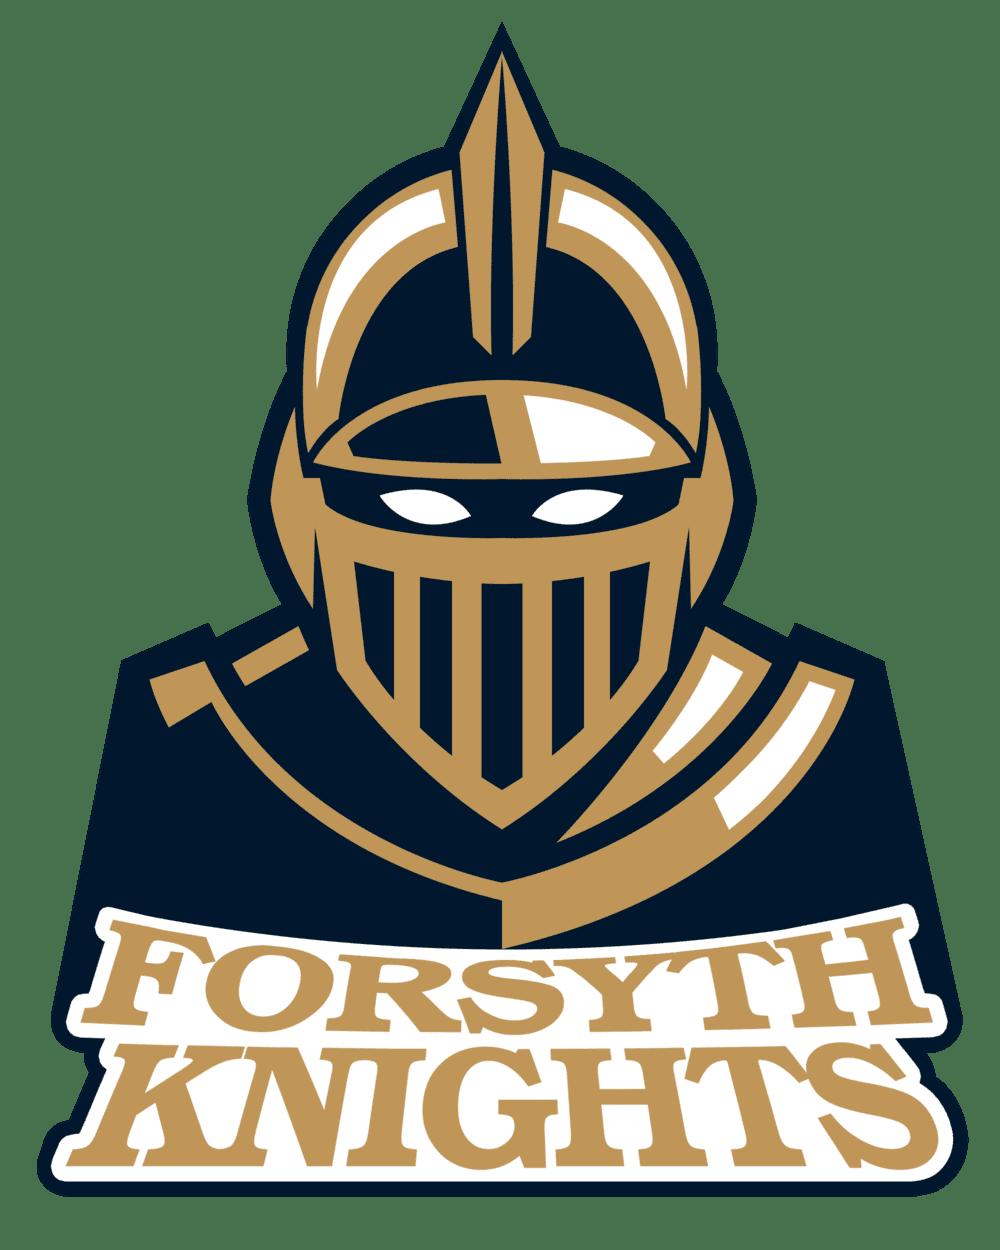 ForsythKnights